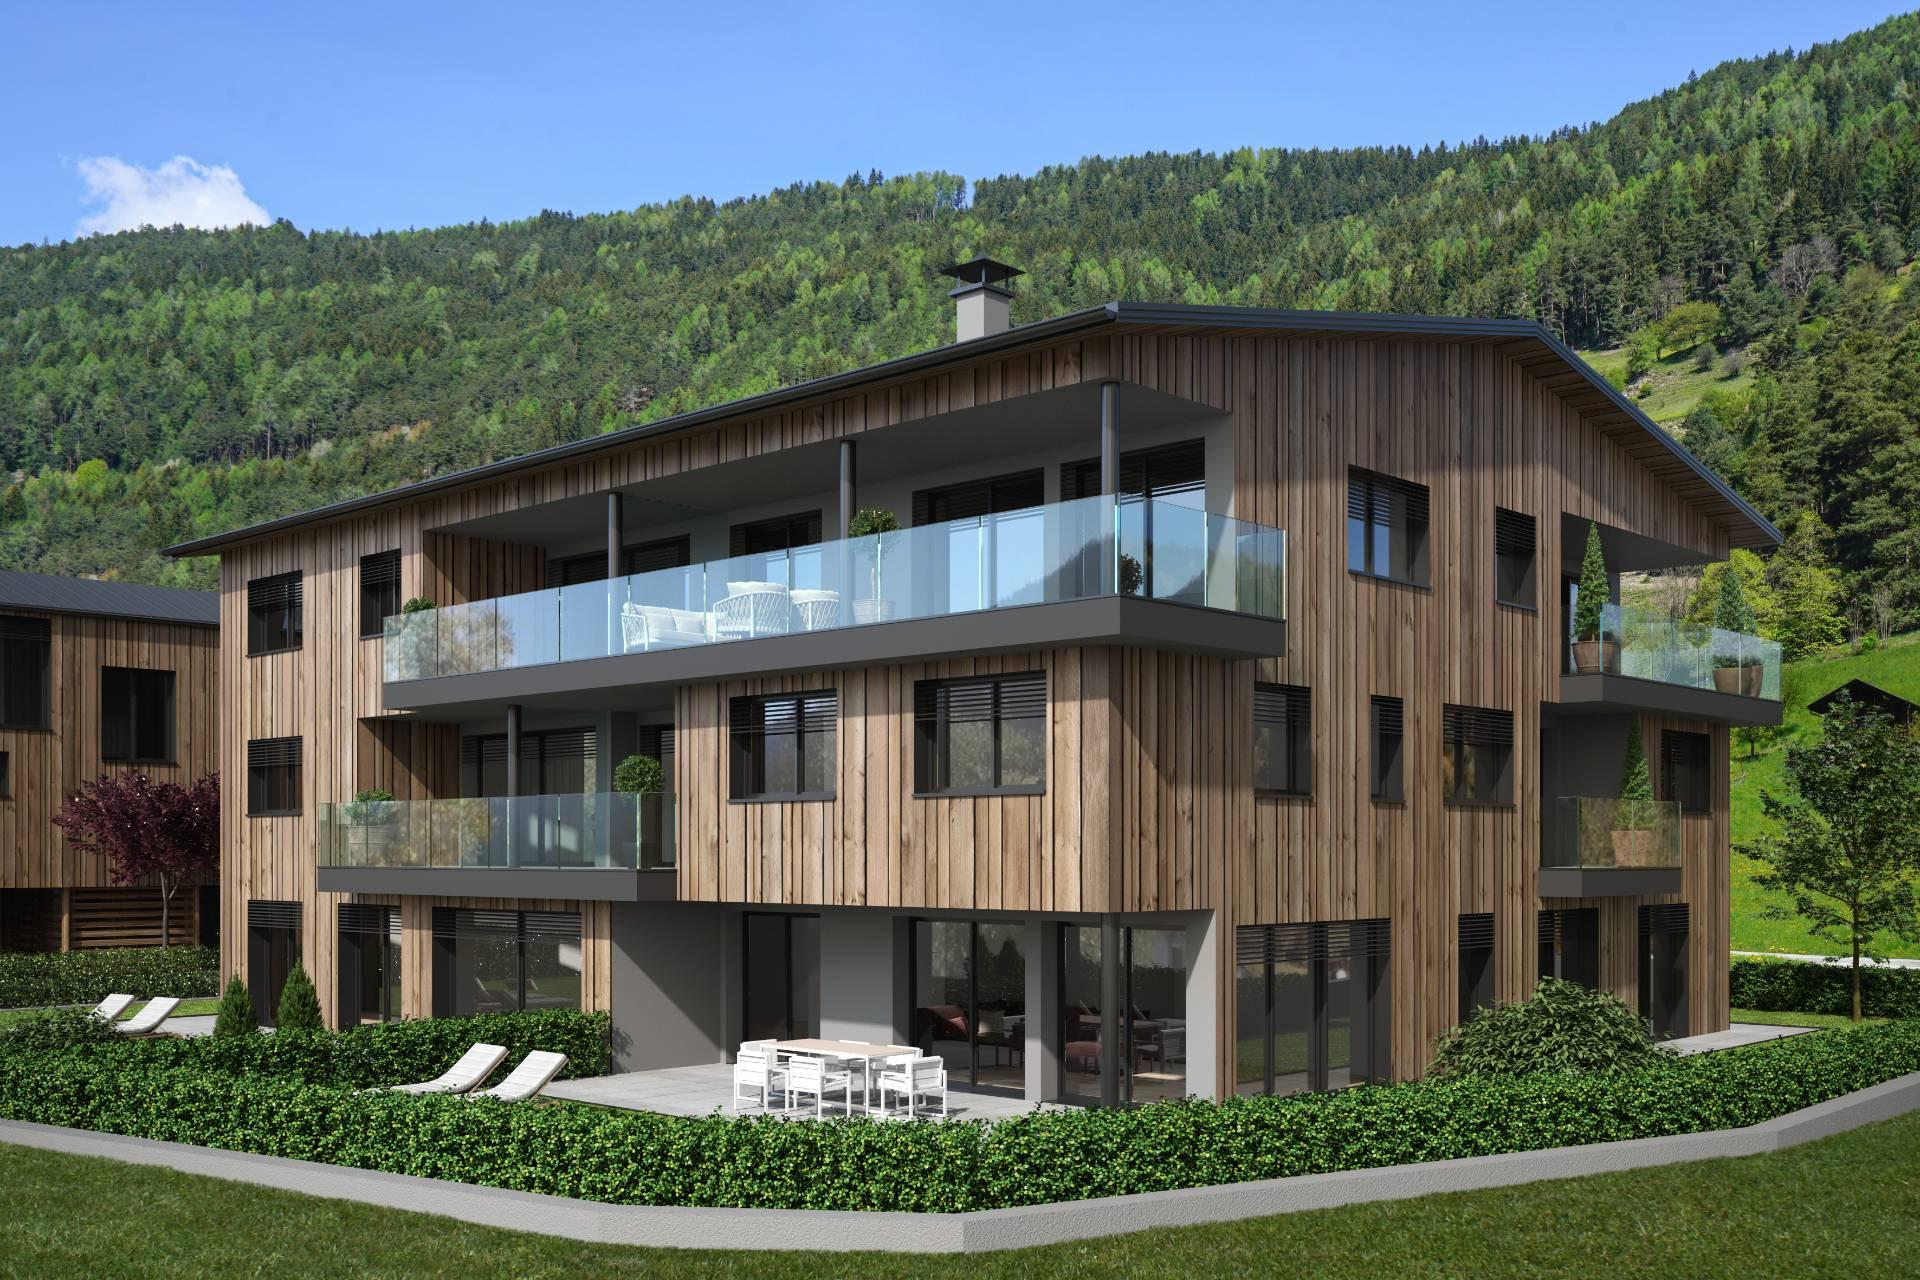 Appartamento in vendita a Vandoies, 4 locali, zona Località: VandoiesdiSopra, prezzo € 325.000 | PortaleAgenzieImmobiliari.it